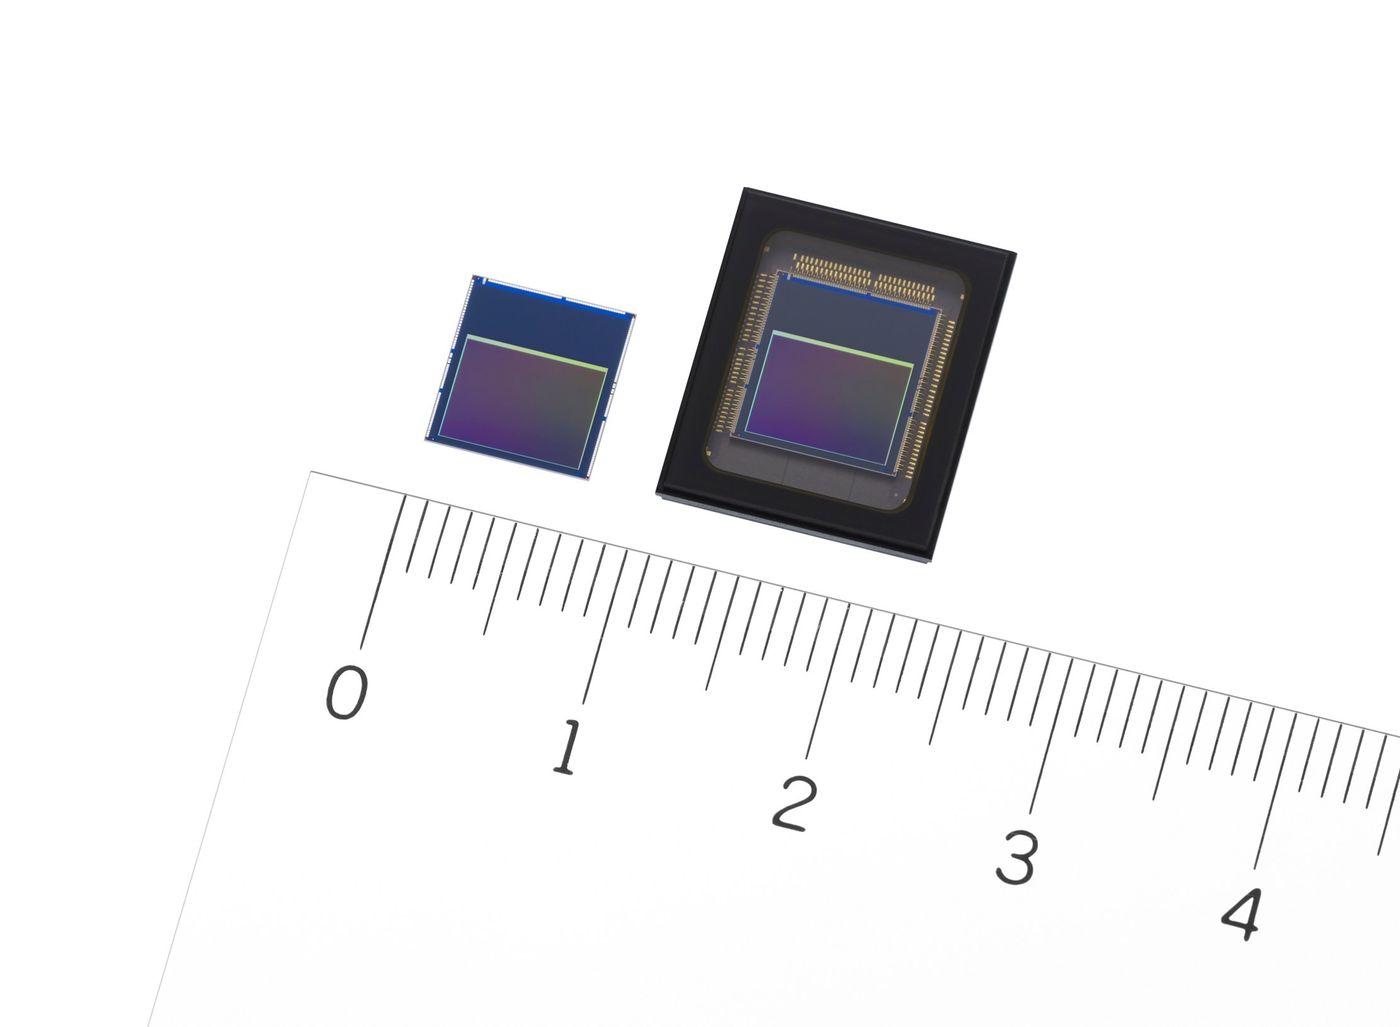 索尼imx传感器天梯图 imx传感器天梯图2020